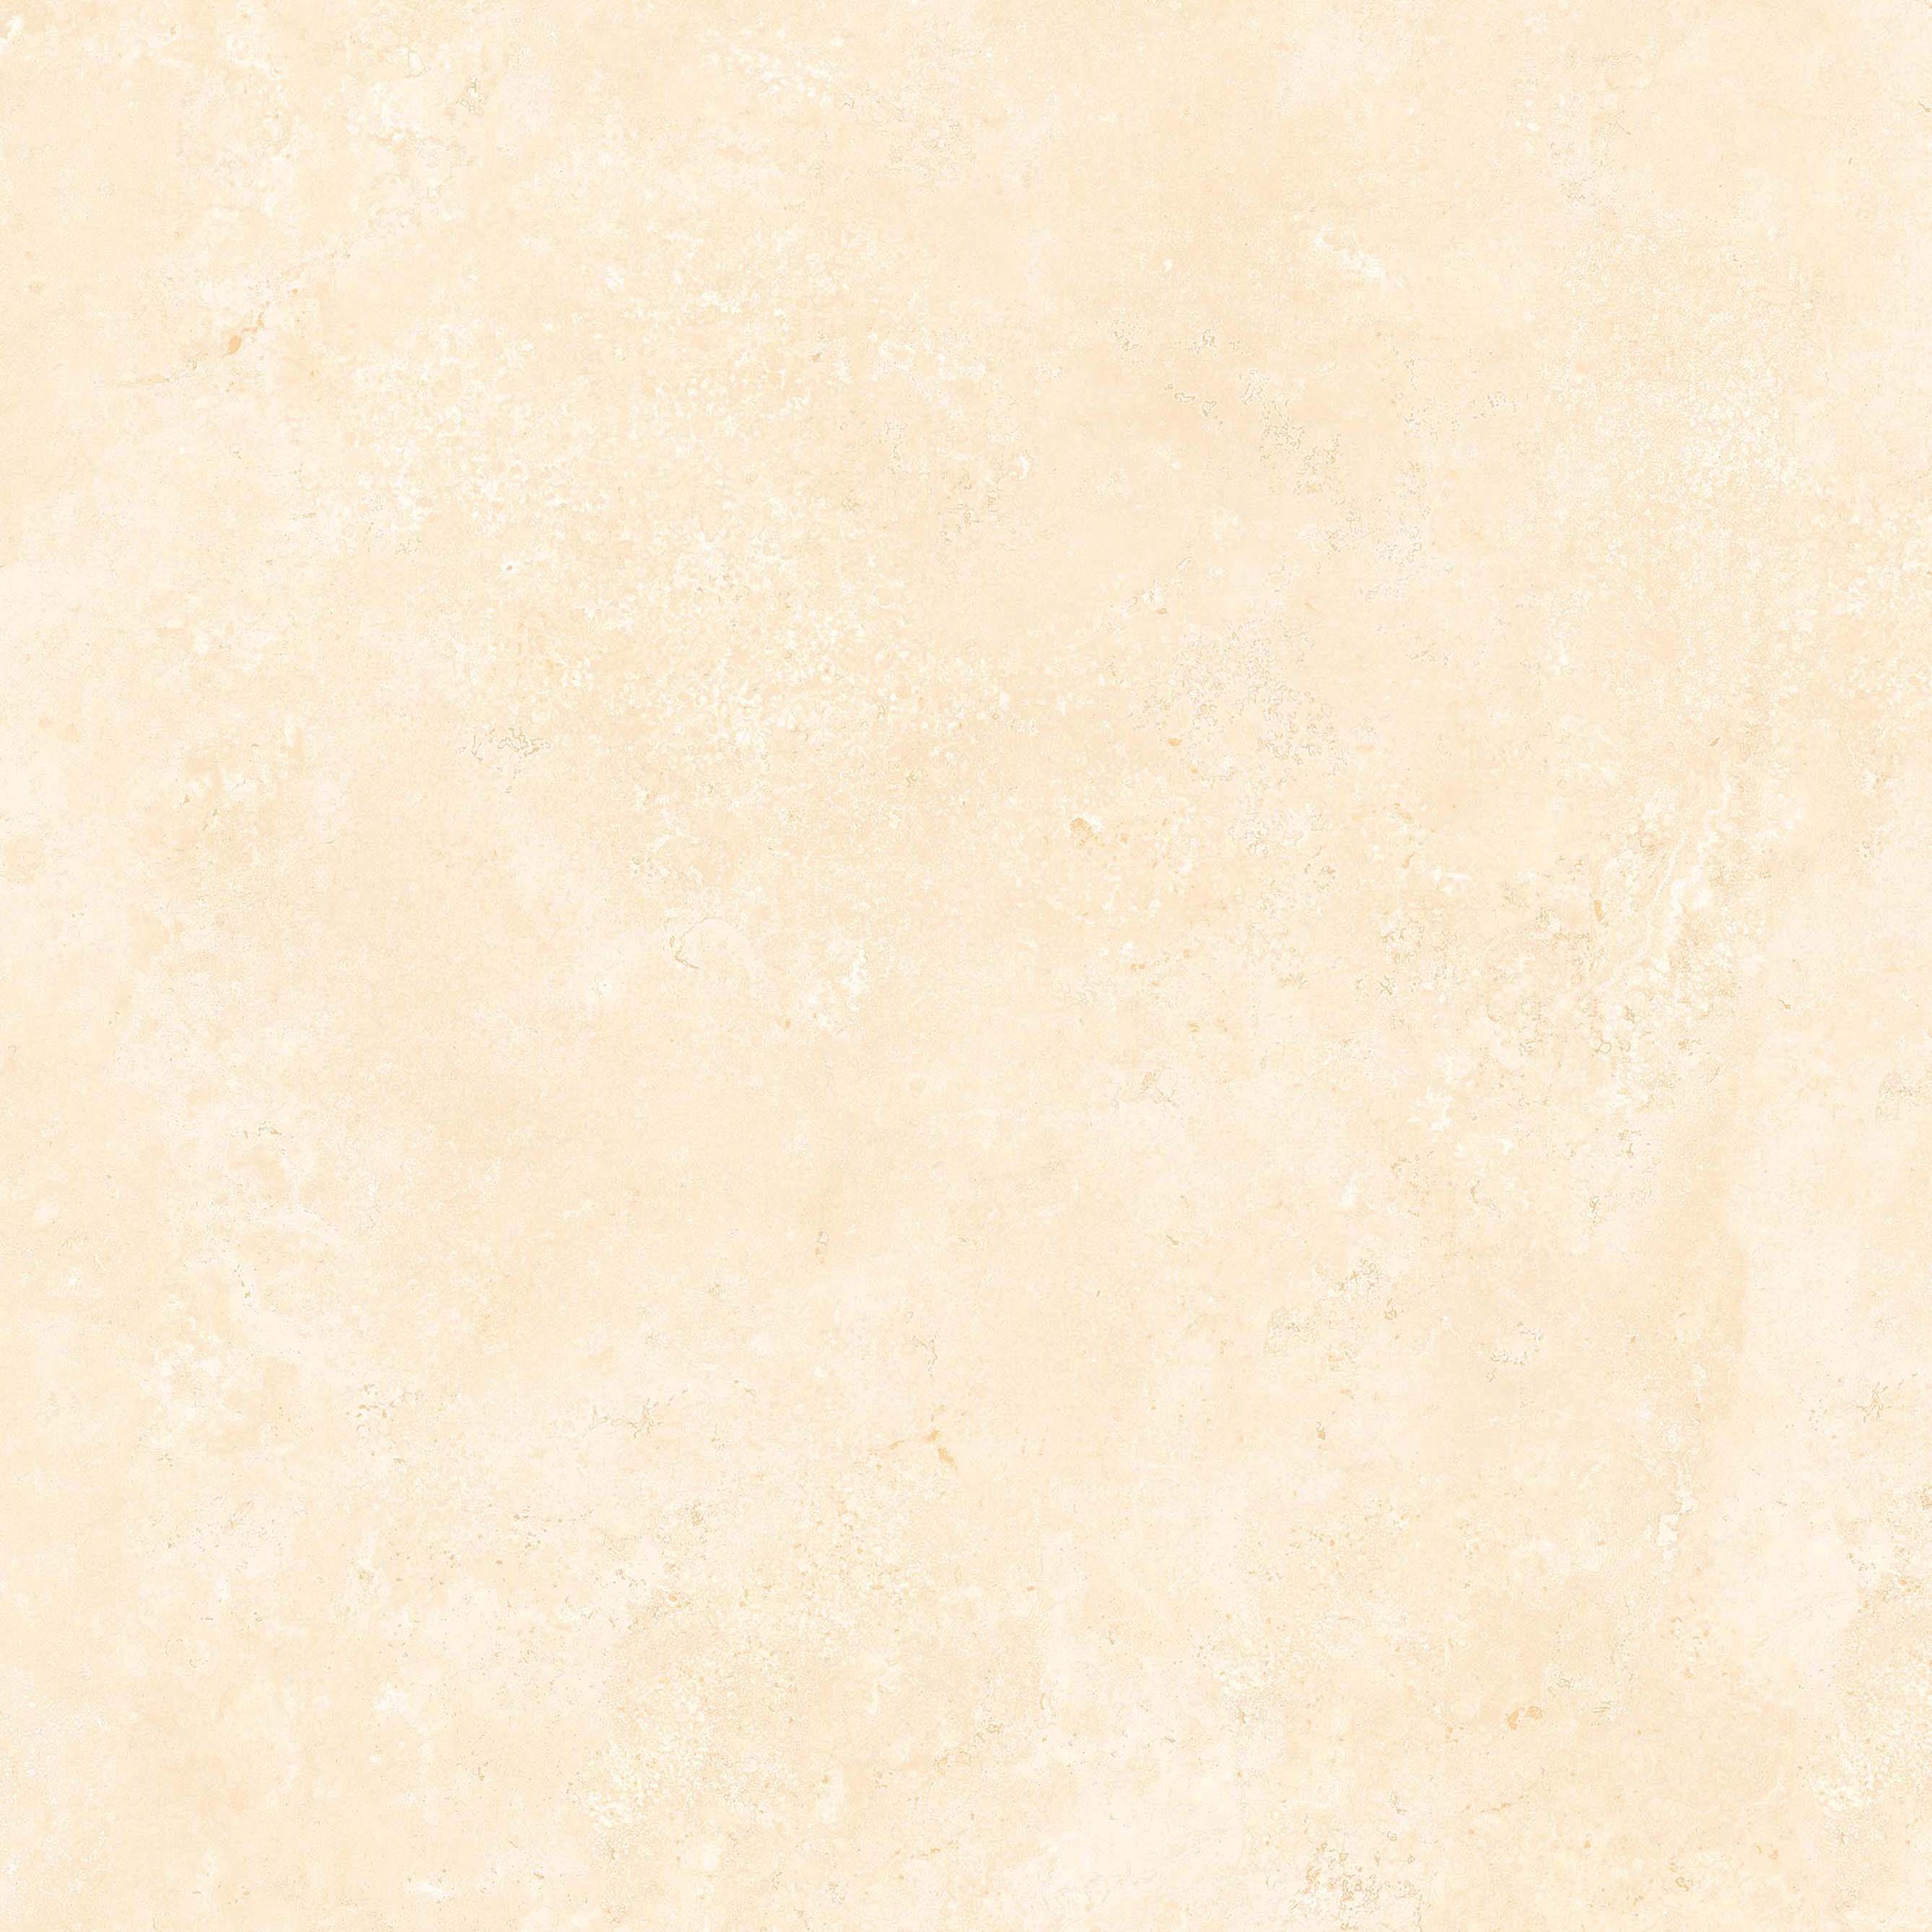 维纳斯米黄 HGR60001 600x600mm